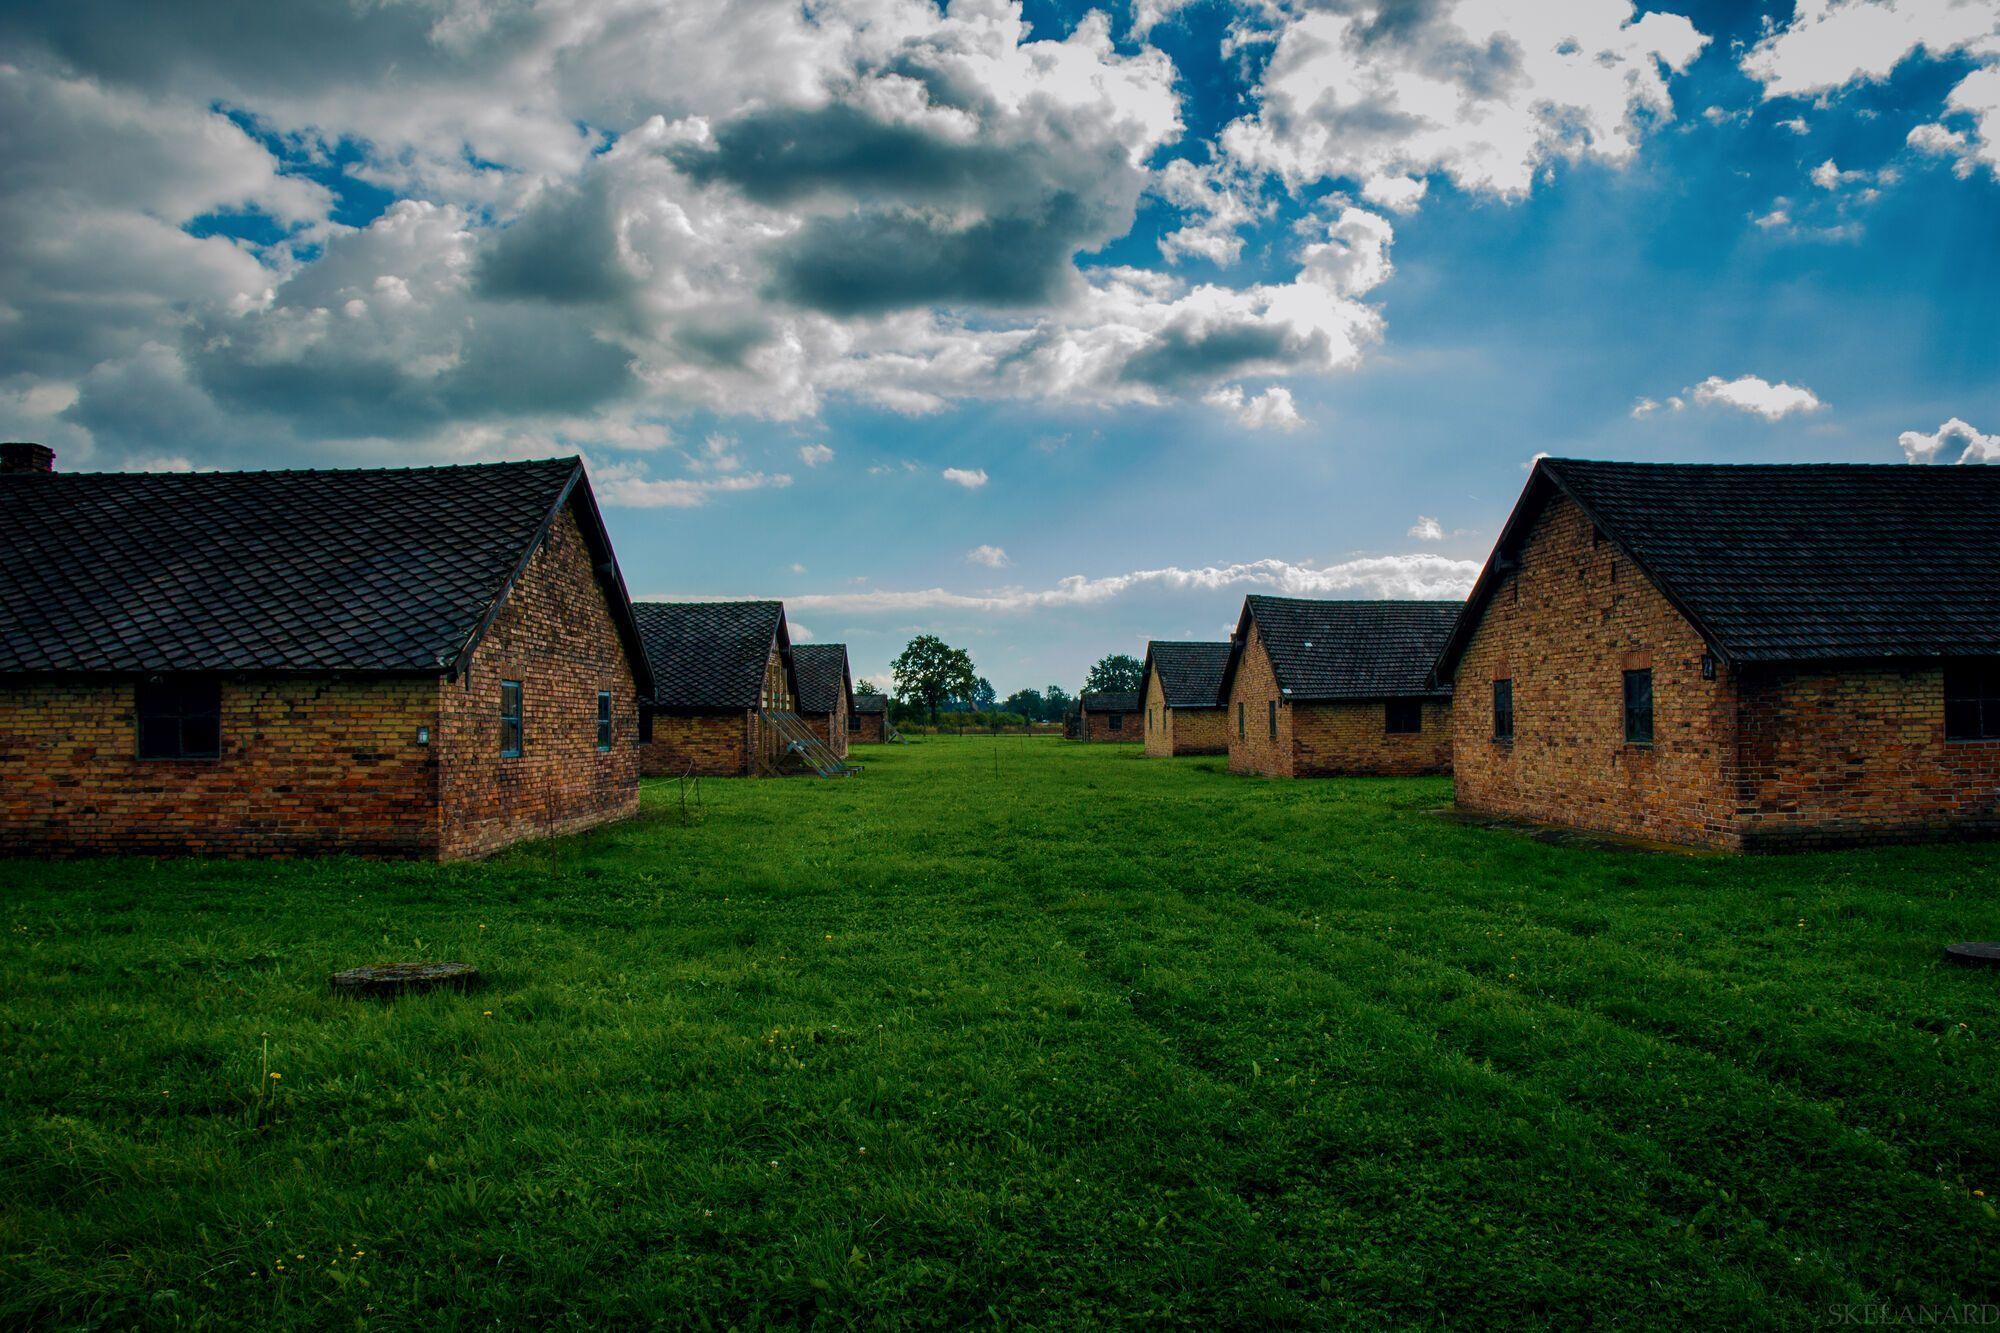 Збережені бараки Освенцима